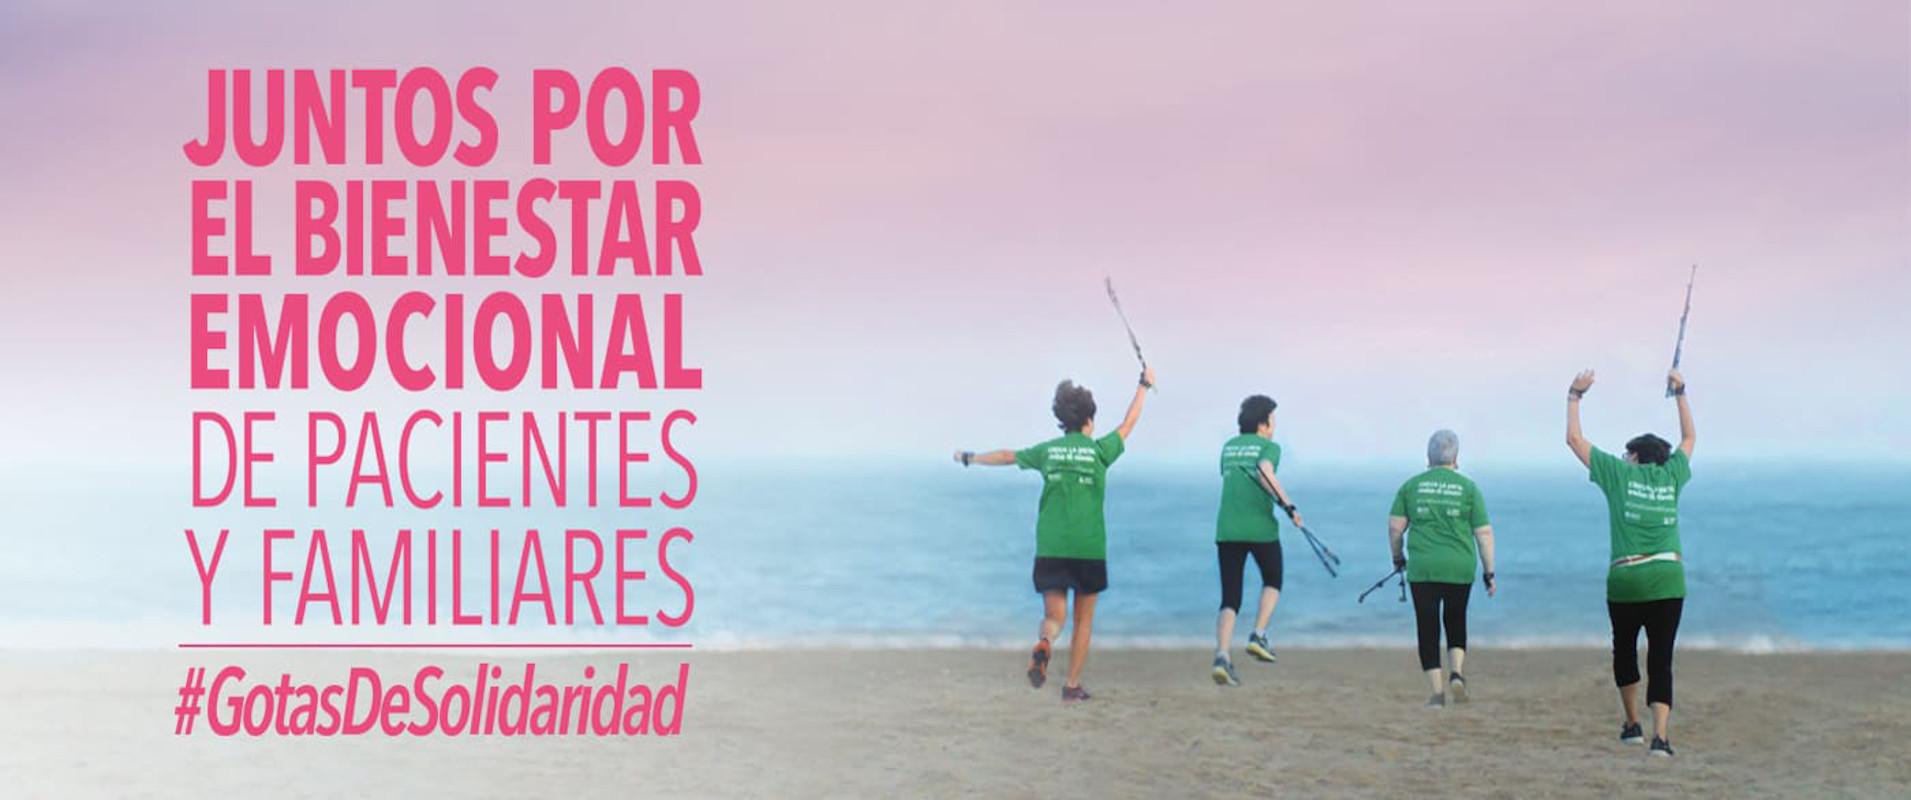 SOLÁN DE CABRAS Y LA AECC VUELVEN A UNIRSE CON #GOTASDESOLIDARIDAD